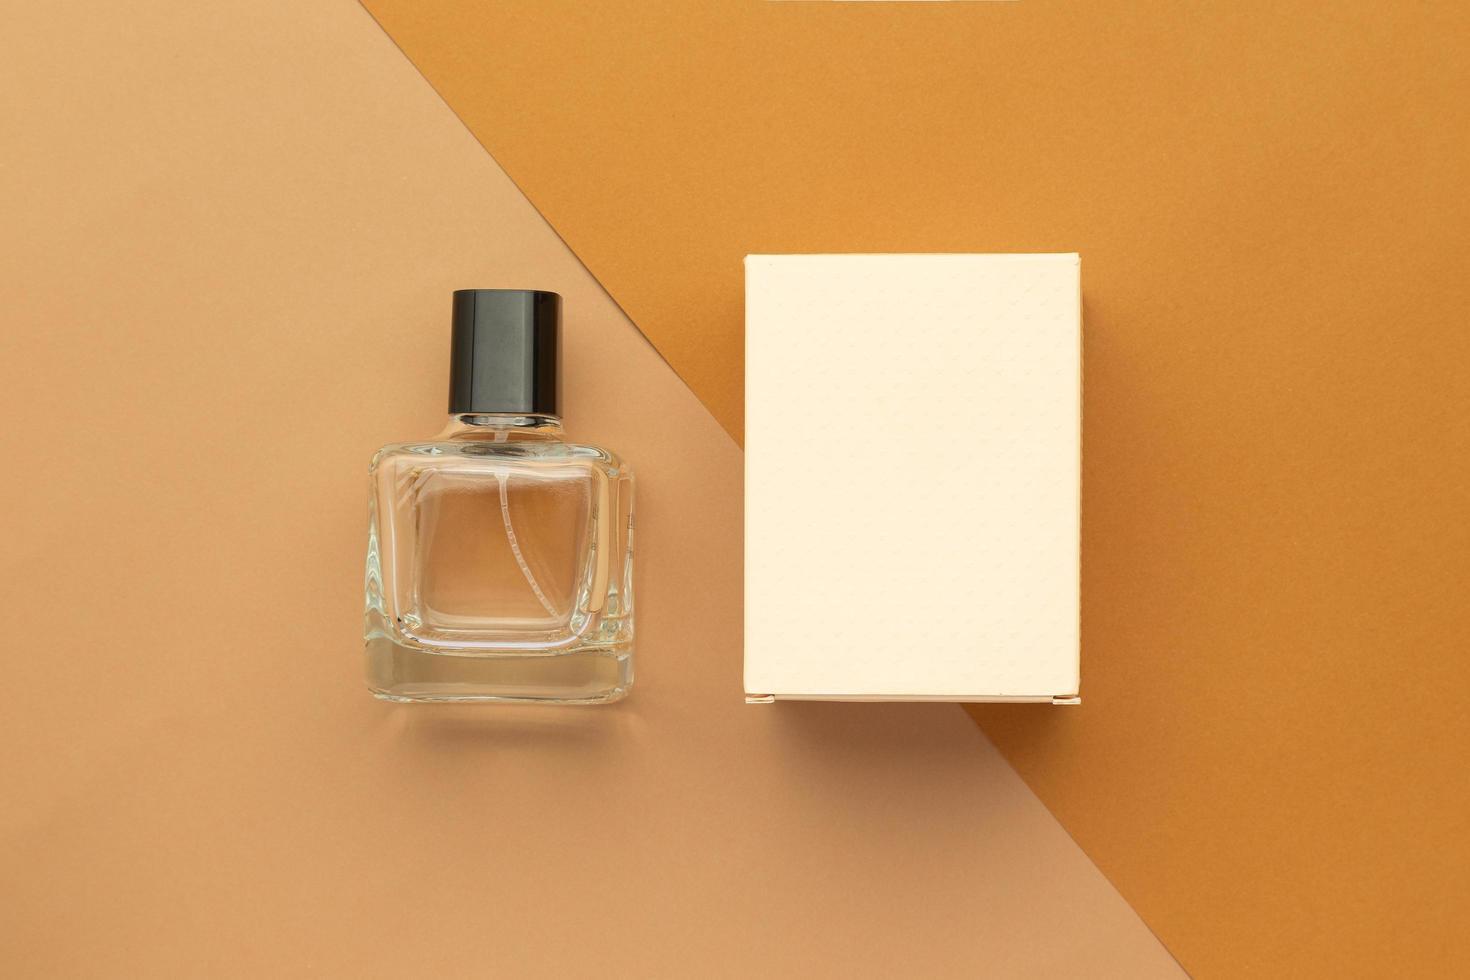 Parfümflasche und Schachtelmodellschablone auf beigem Hintergrund foto